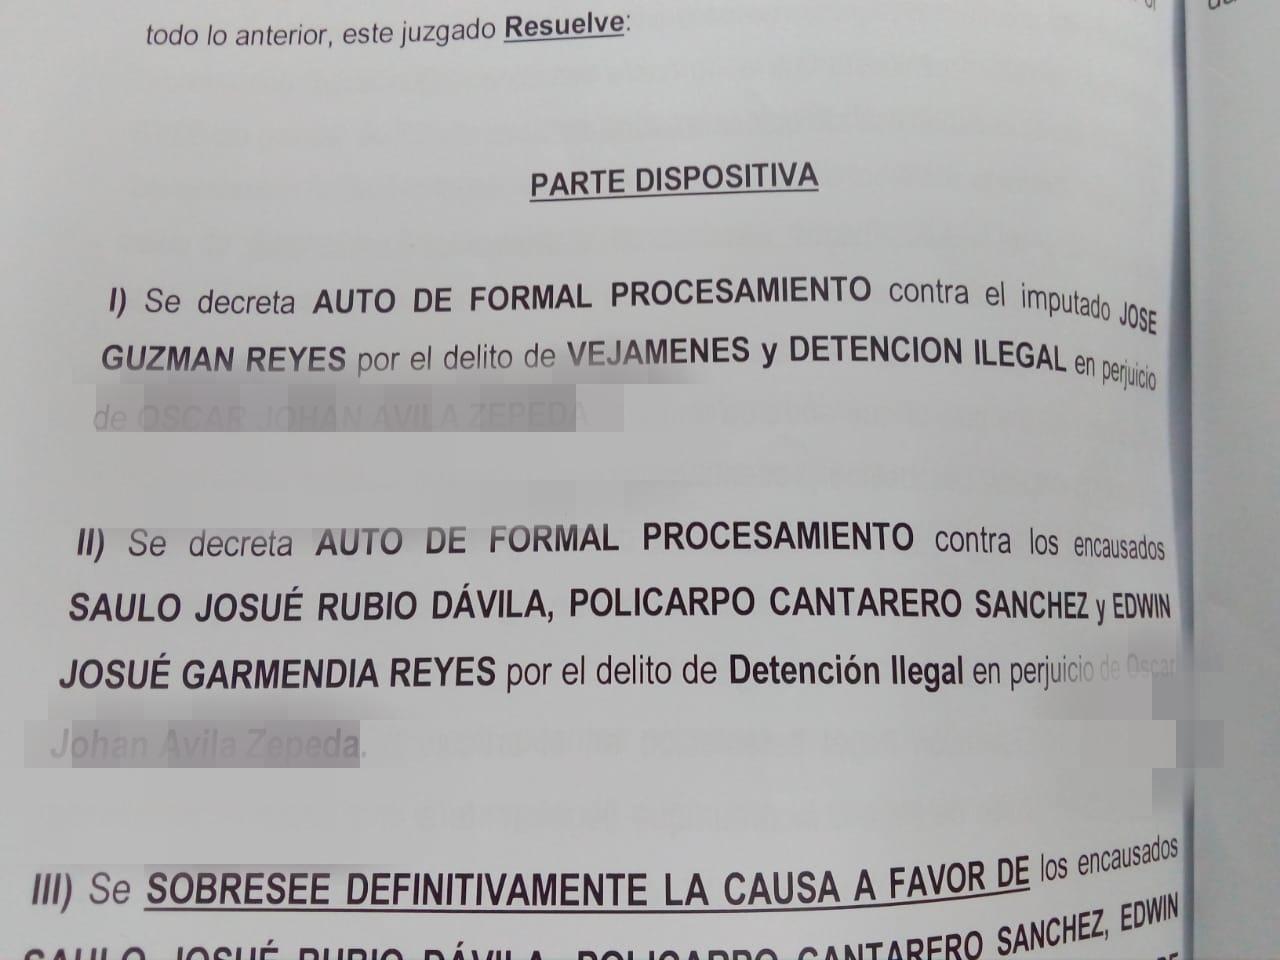 AUTO DE FORMAL PROC. FISC. DDHH CONTRA 4 POILICIAS